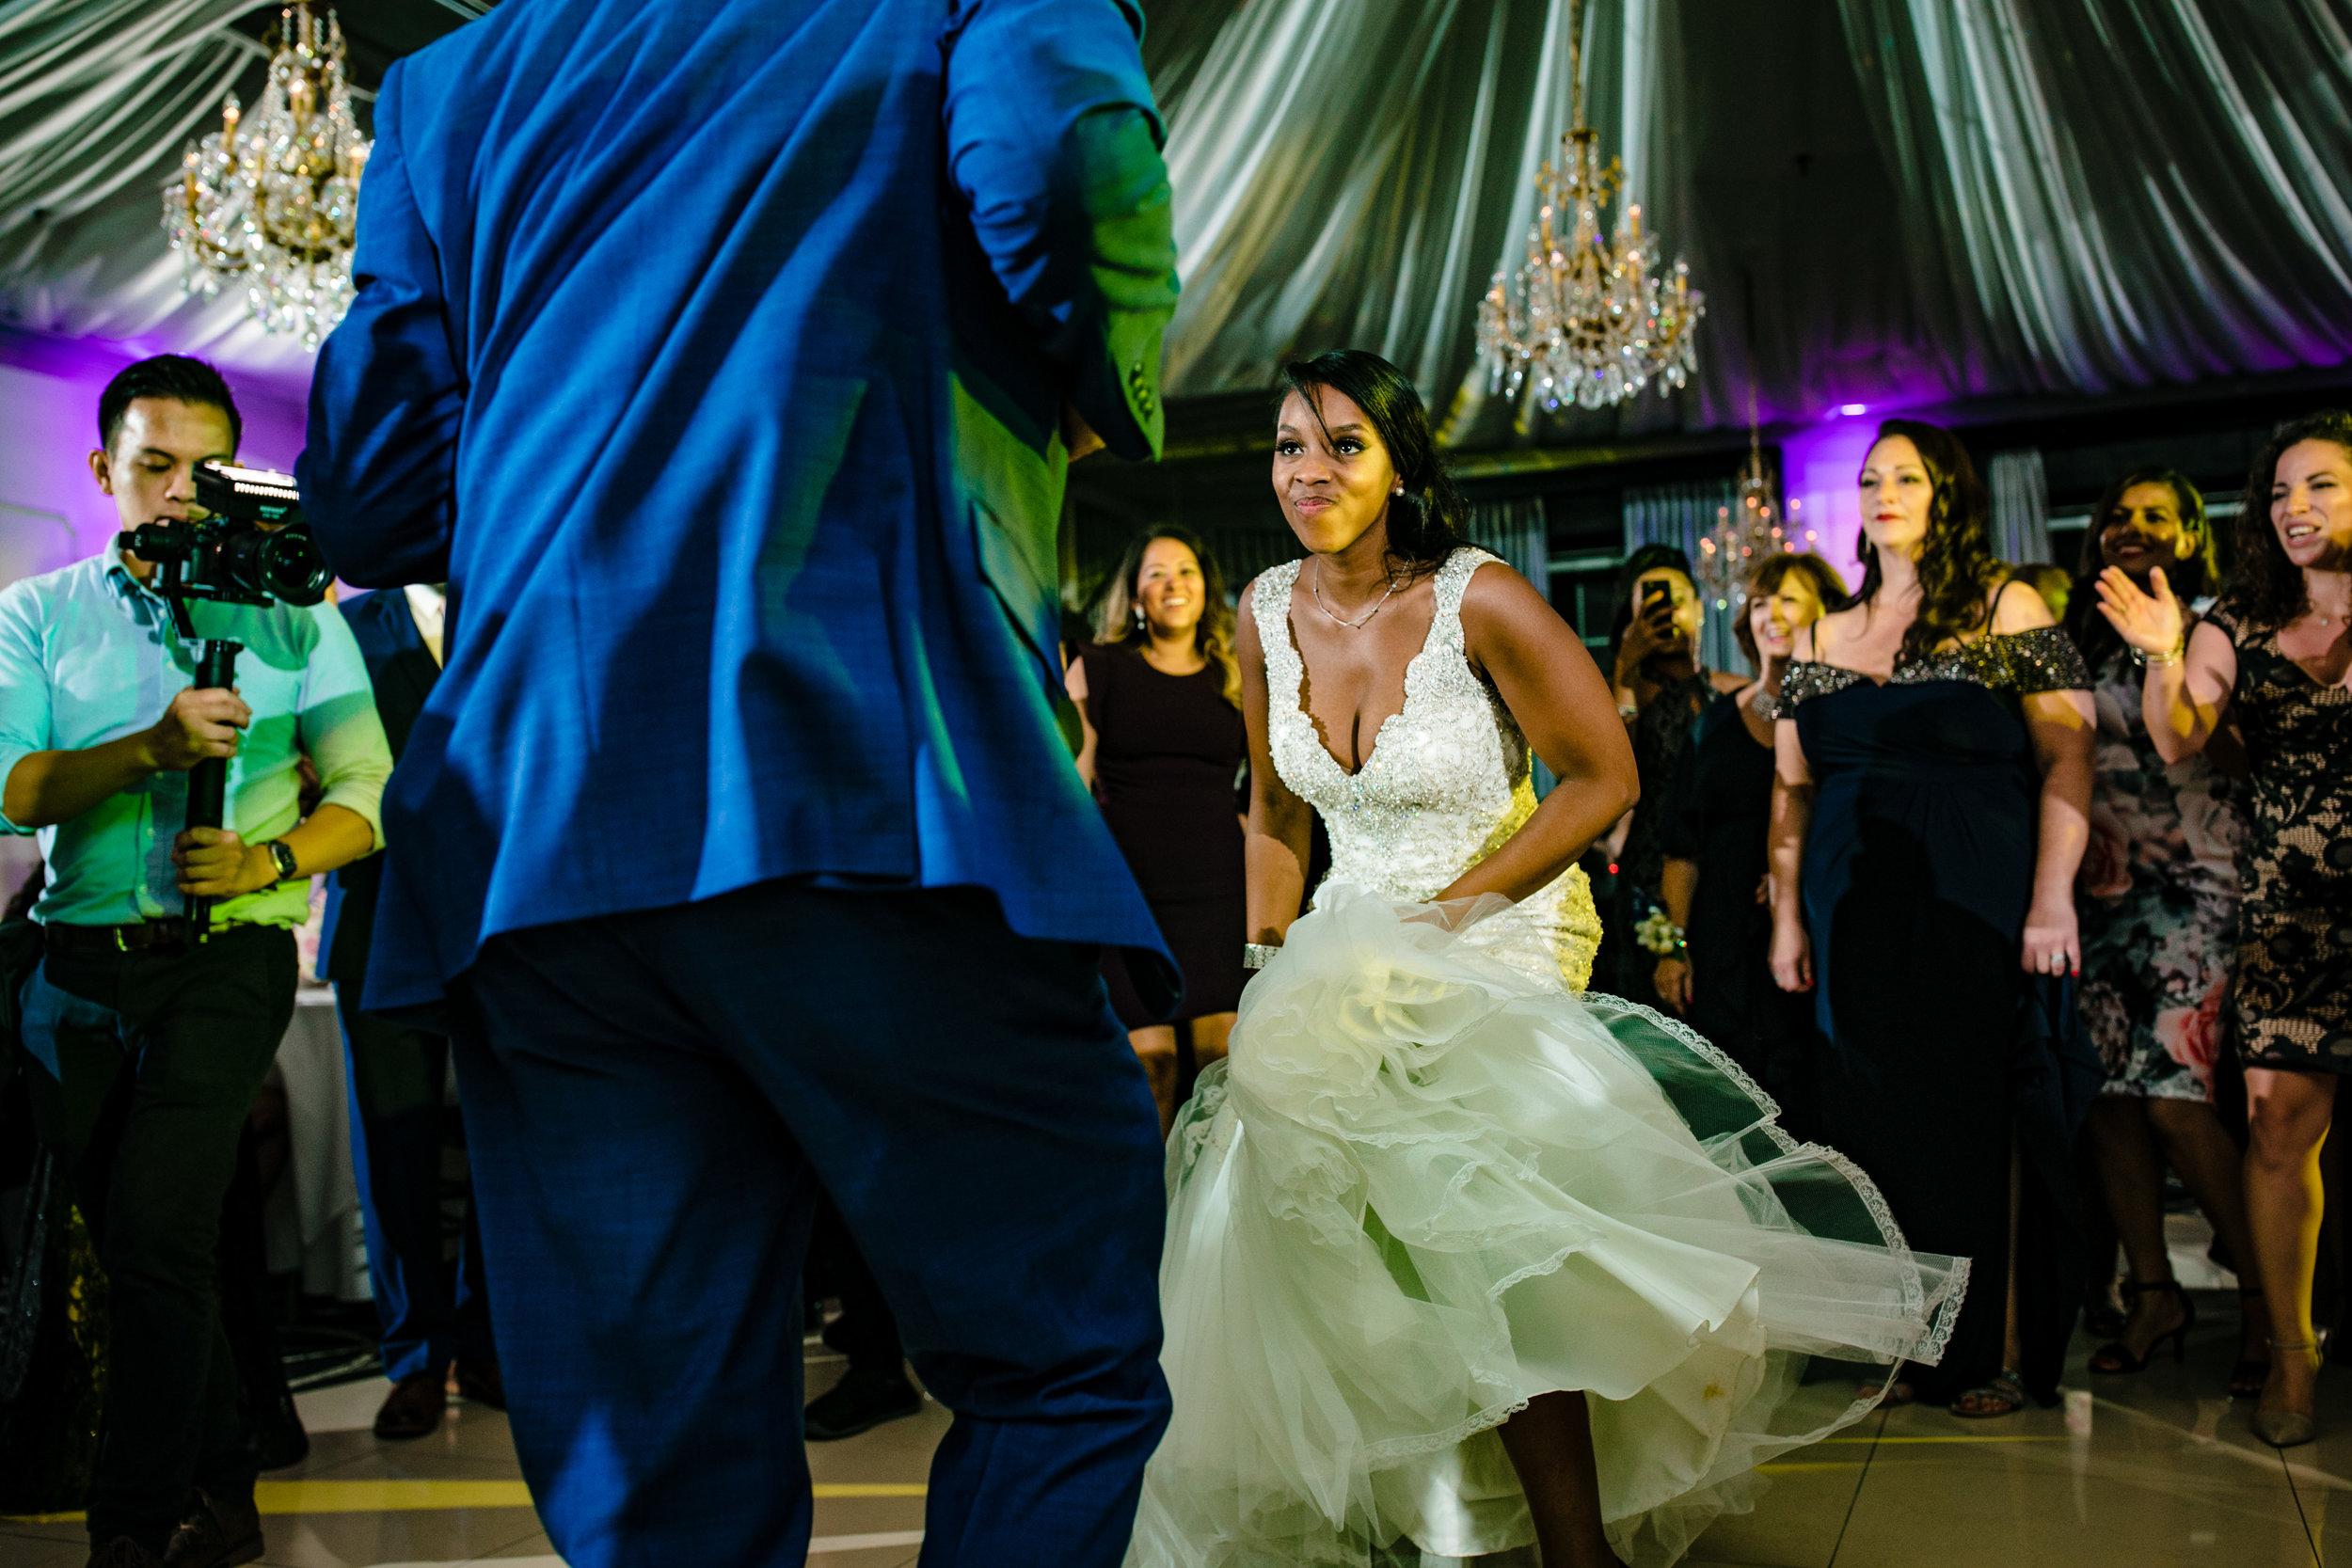 get down bride dance floor reception green blue uplighting